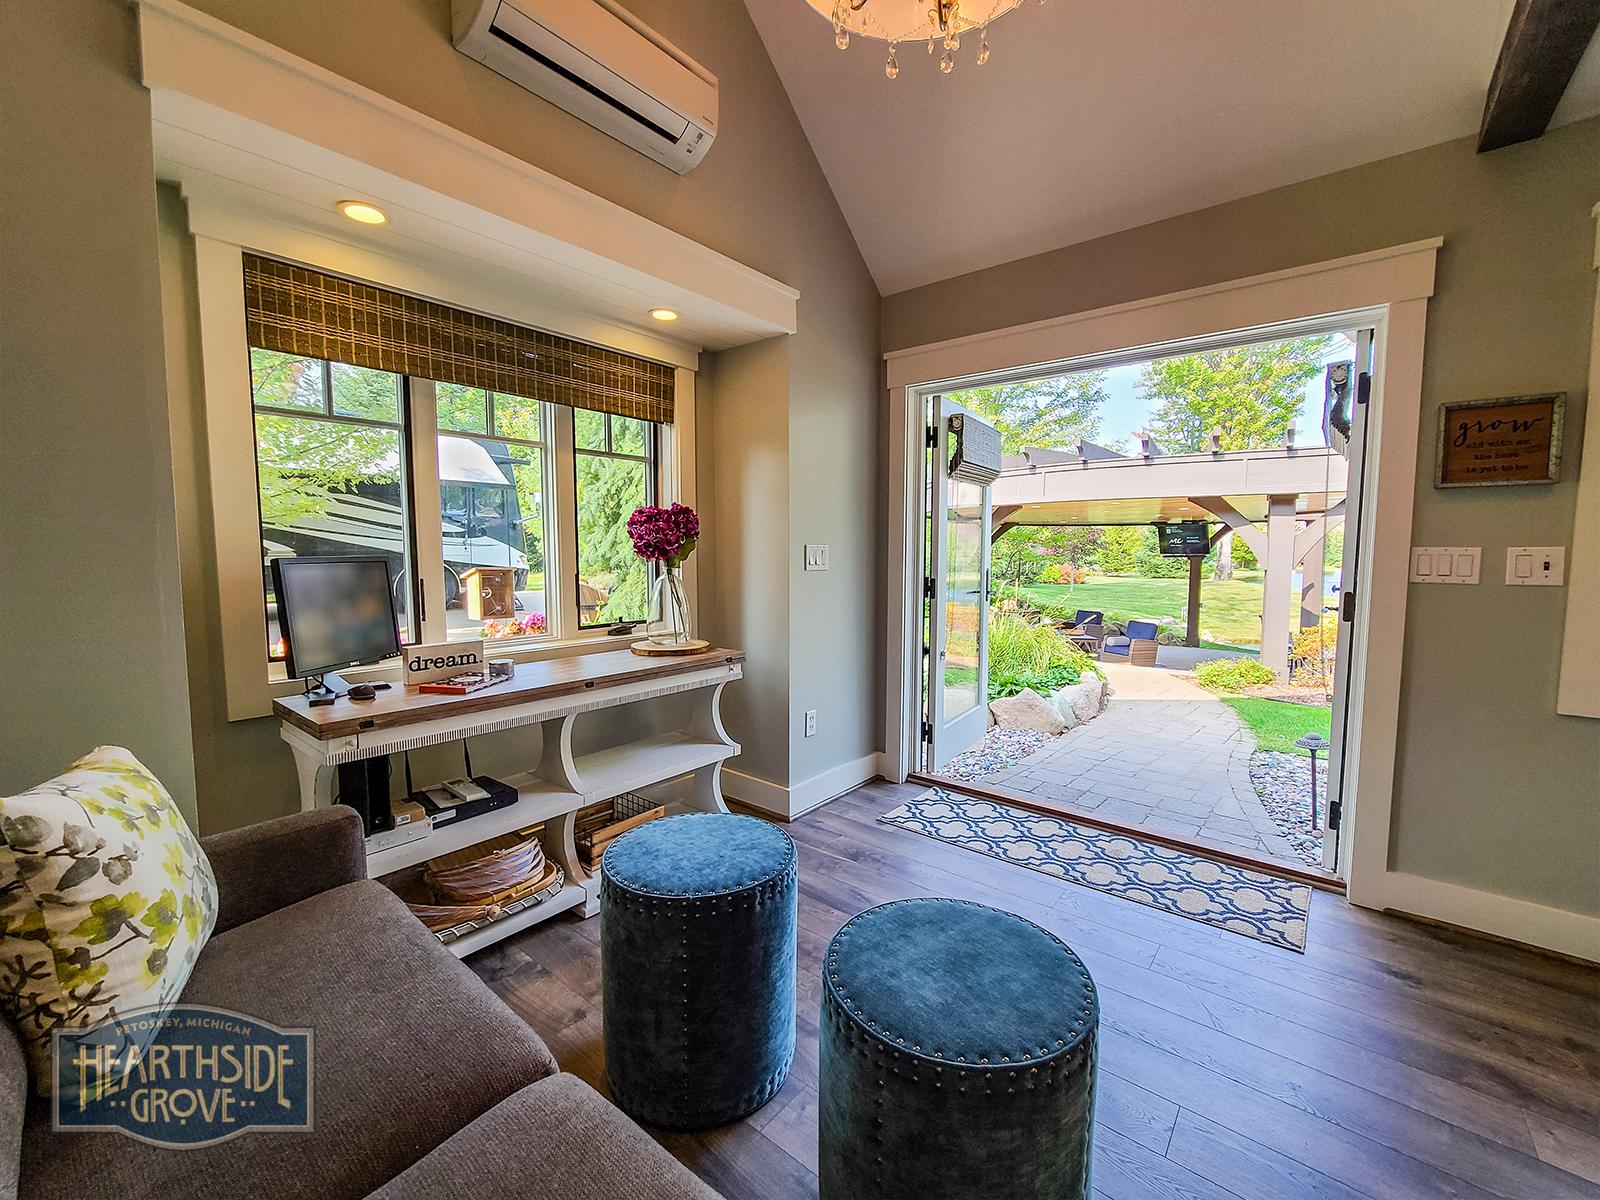 Hearthside Grove Luxury Motorcoach Resort Lot 243